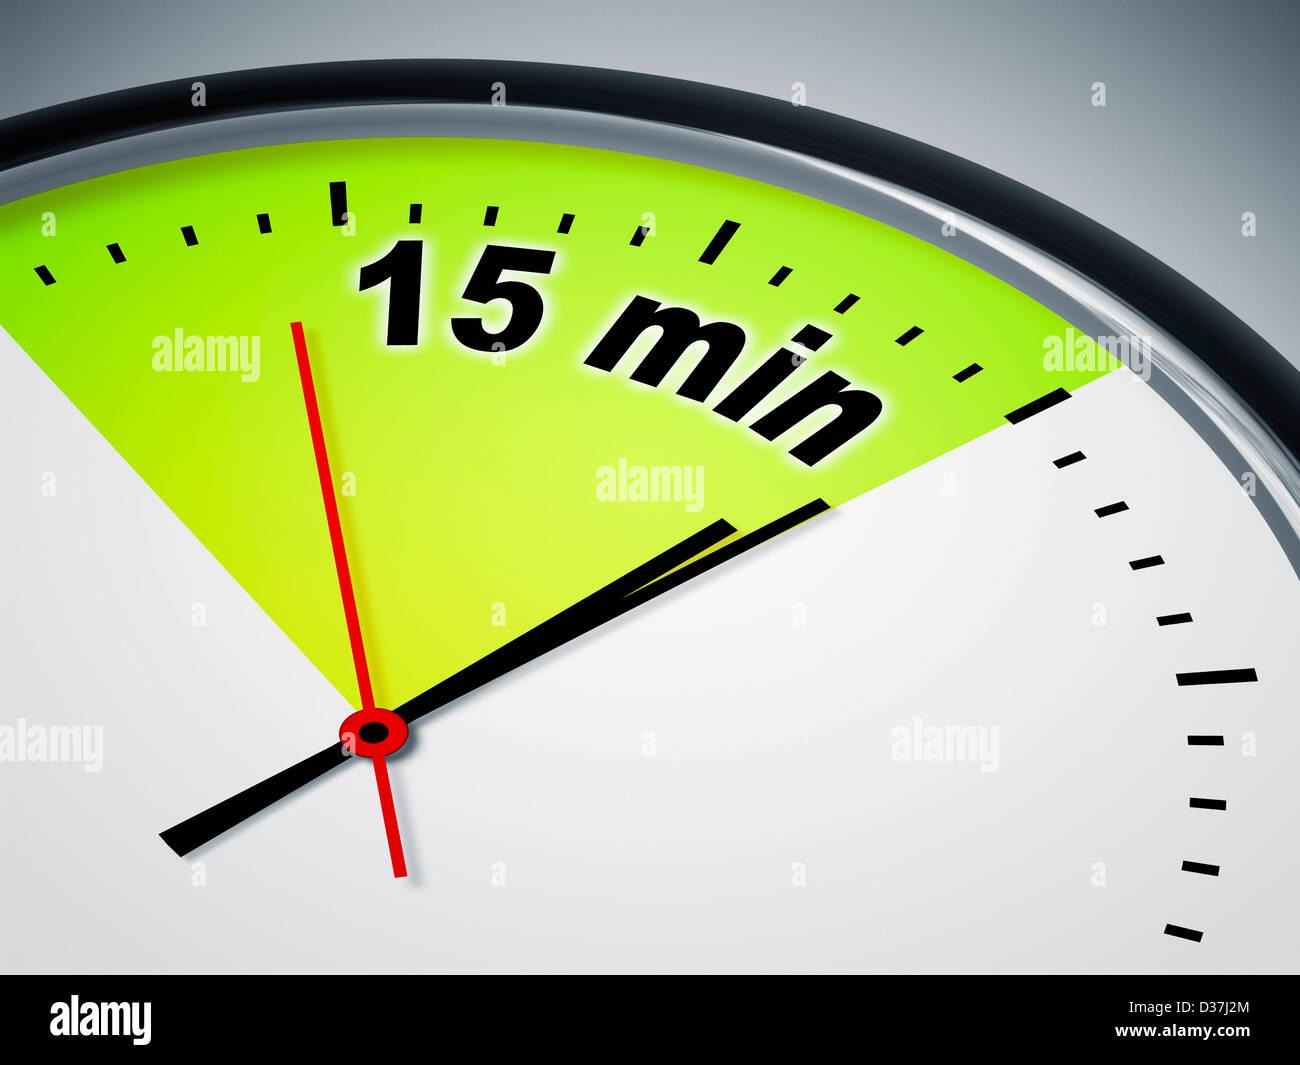 15 min clock